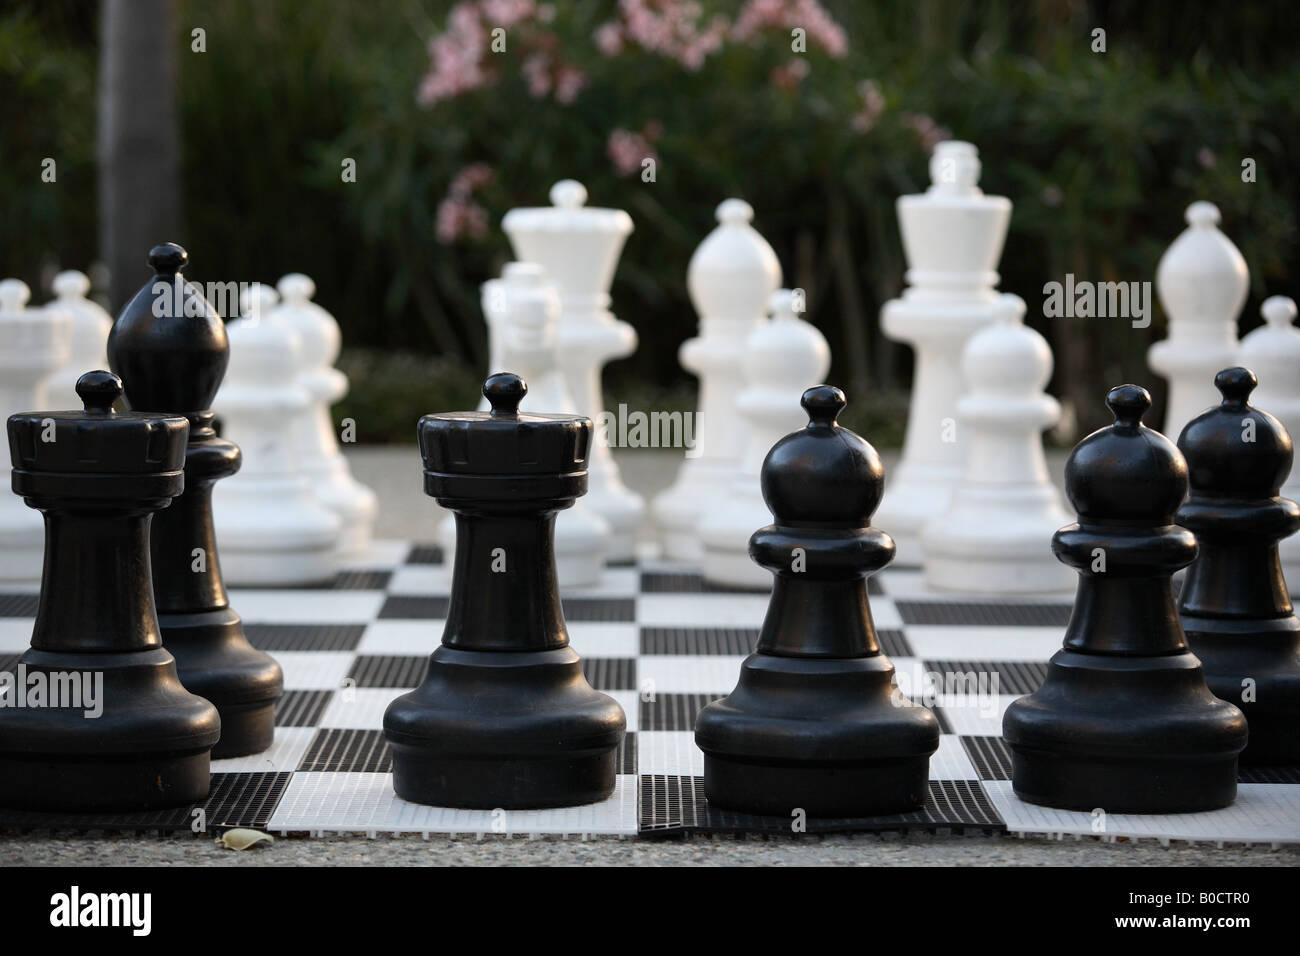 Oversized chess set - Stock Image